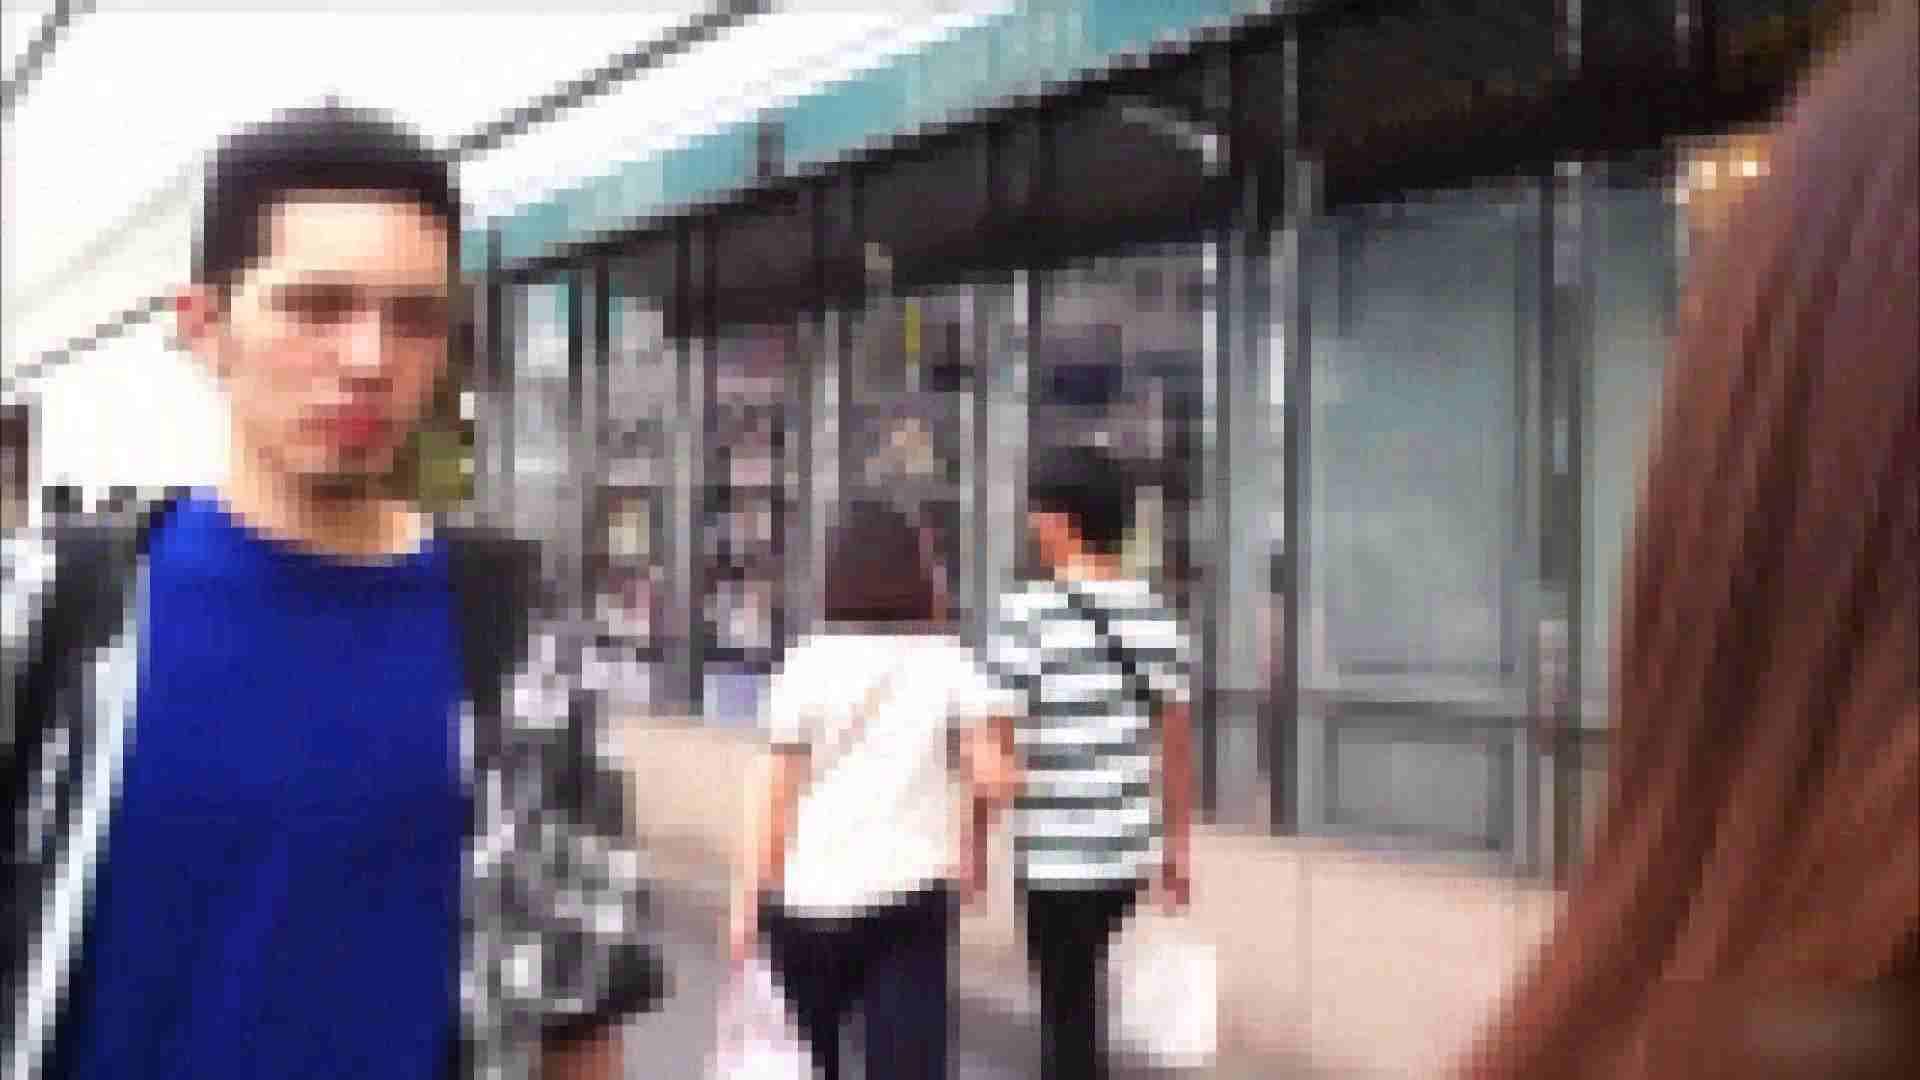 ガールズパンチラストリートビューVol.025 ギャルすけべ画像 オマンコ動画キャプチャ 14連発 10